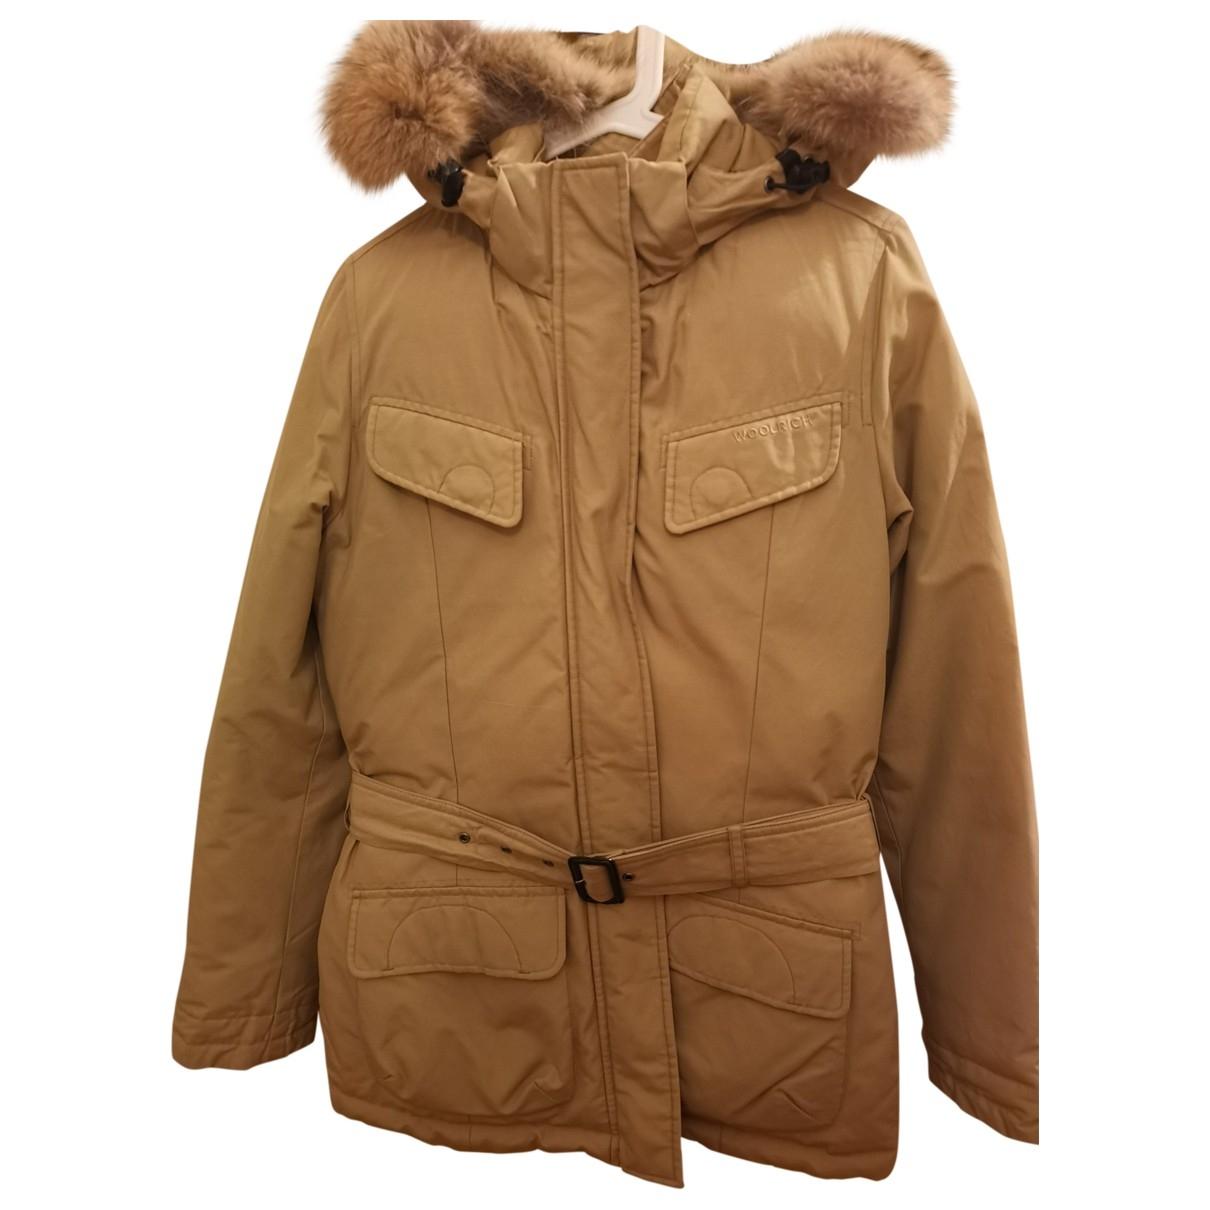 Woolrich \N Beige coat for Women S International